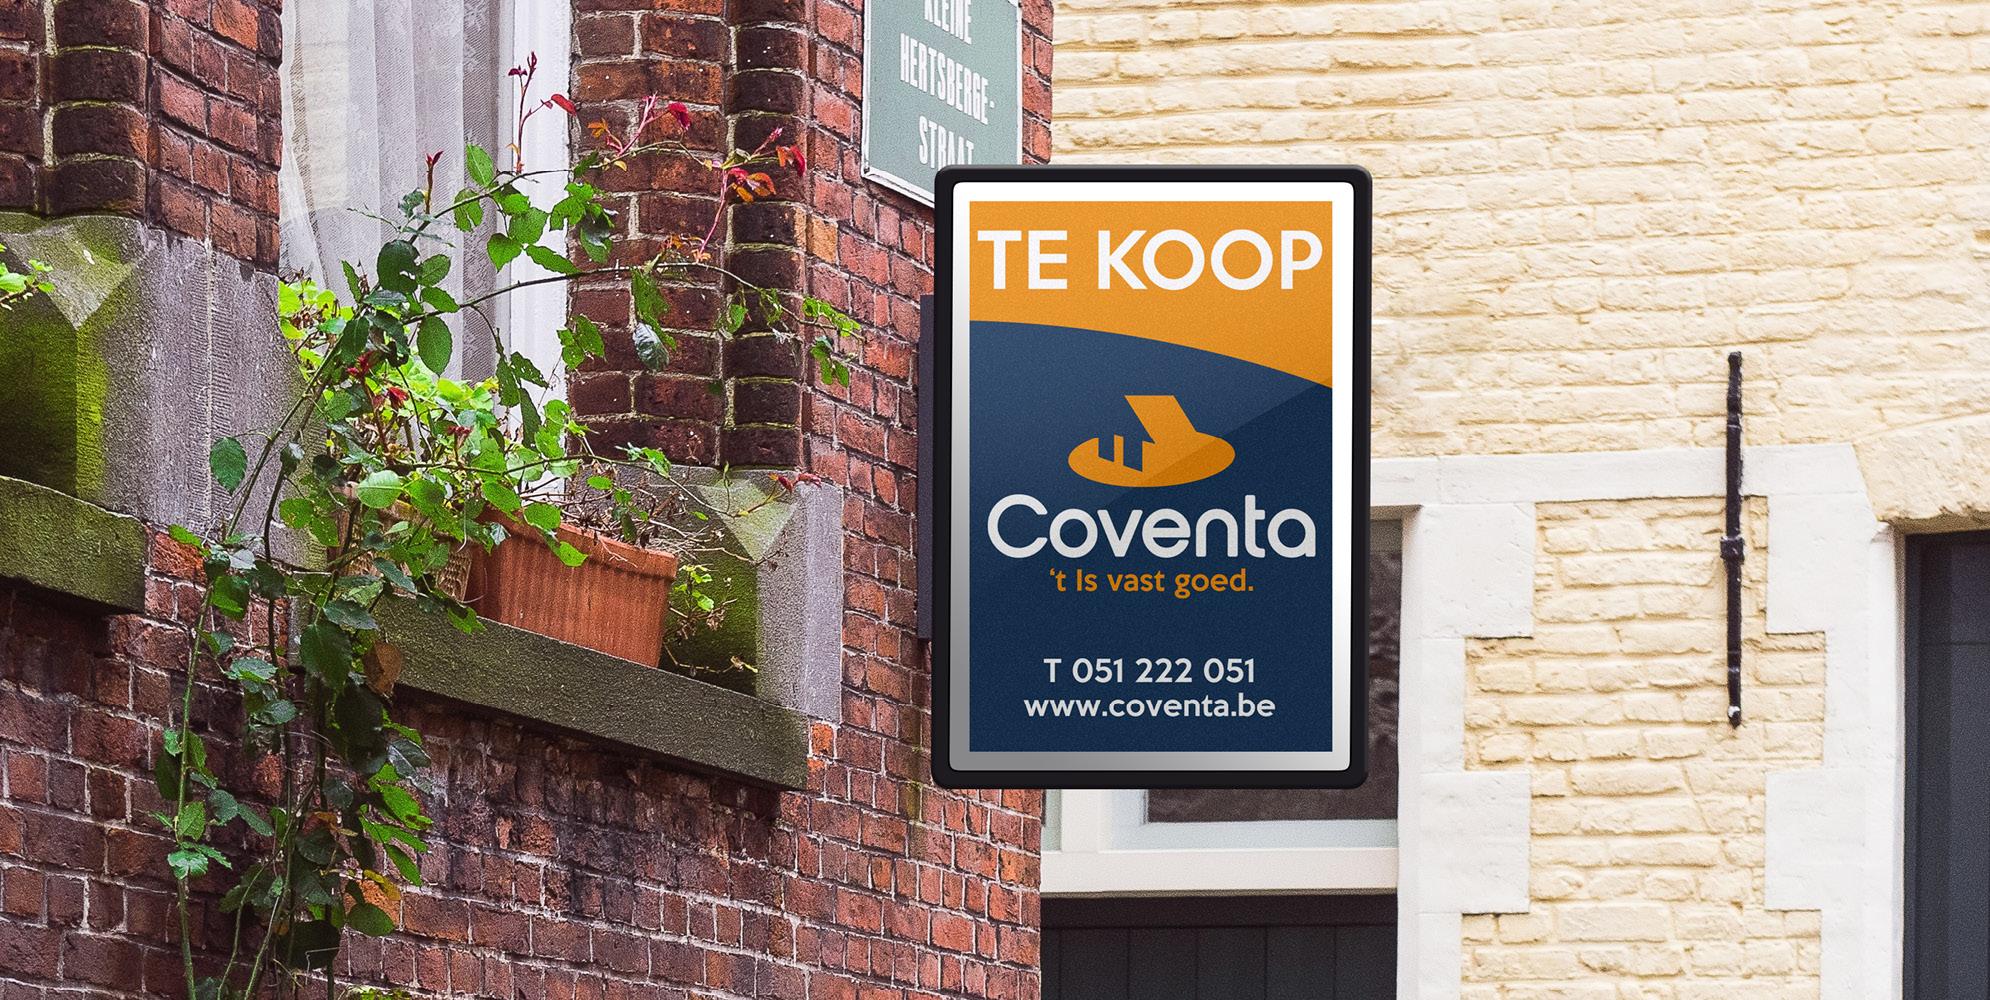 Te koop paneel voor Coventa